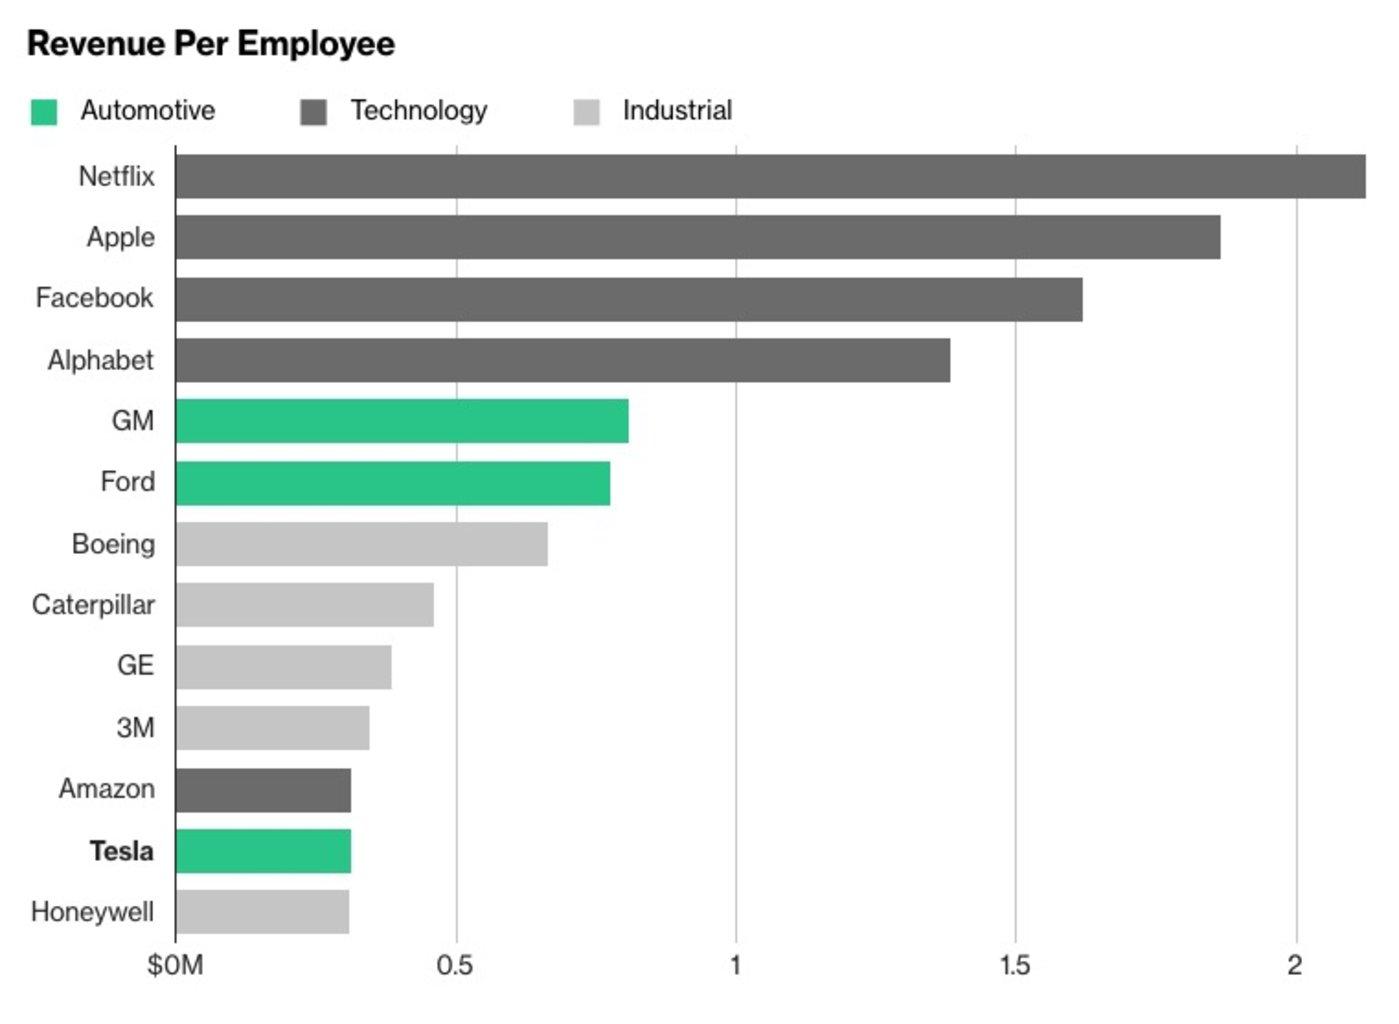 特斯拉每员工创收和其他公司对比